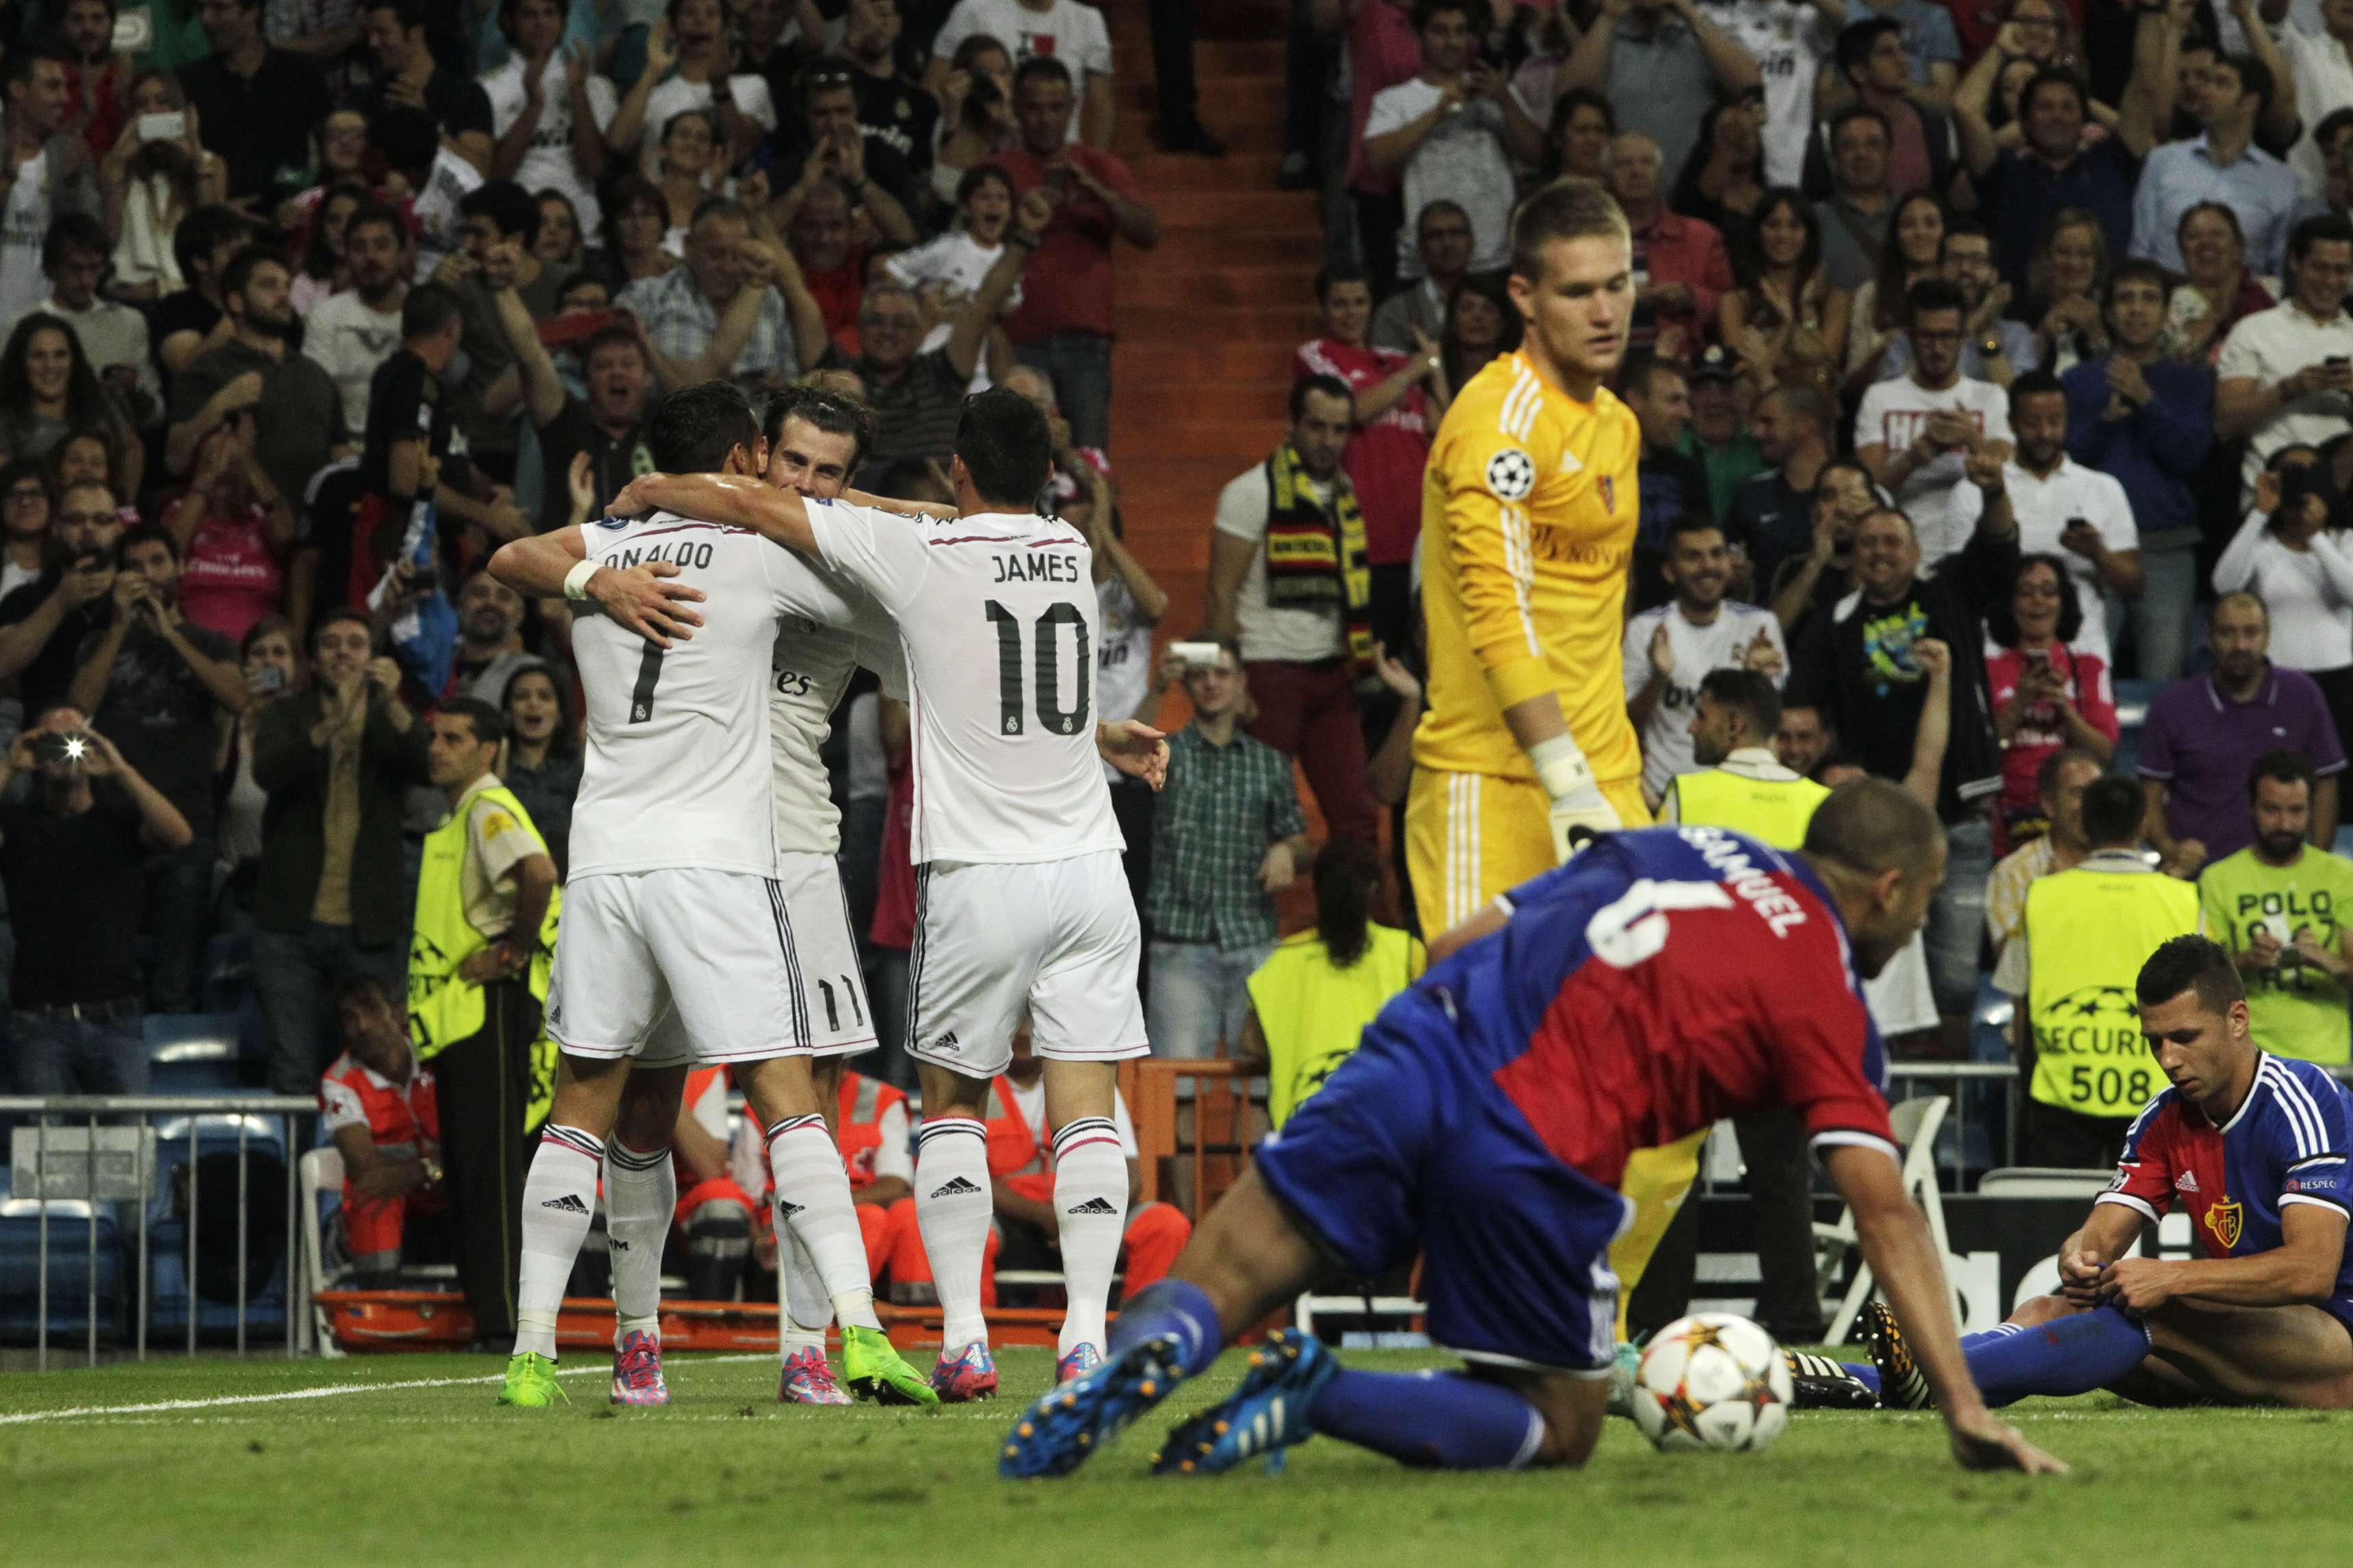 Jogadores do Real Madrid festejam goleada sobre o Basel; confira imagens da rodada da Liga dos Campeões Foto: Gabriel Pecot/AP